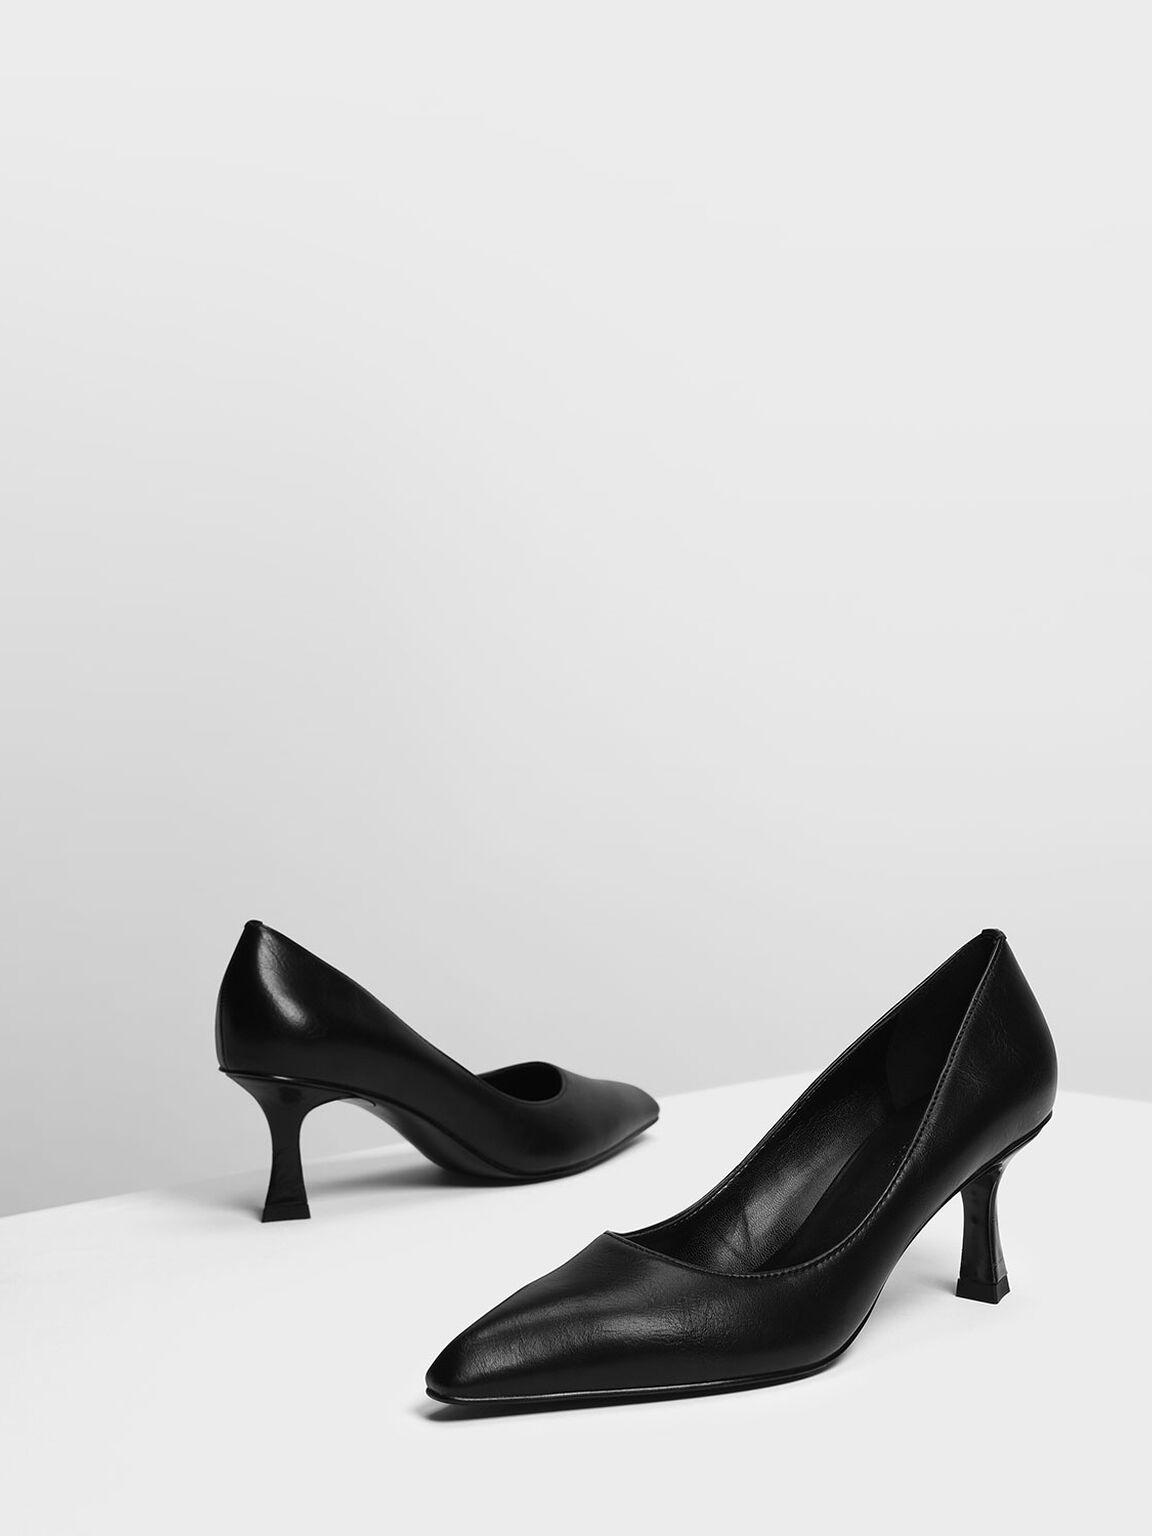 Sculptural Heel Pumps, Black, hi-res